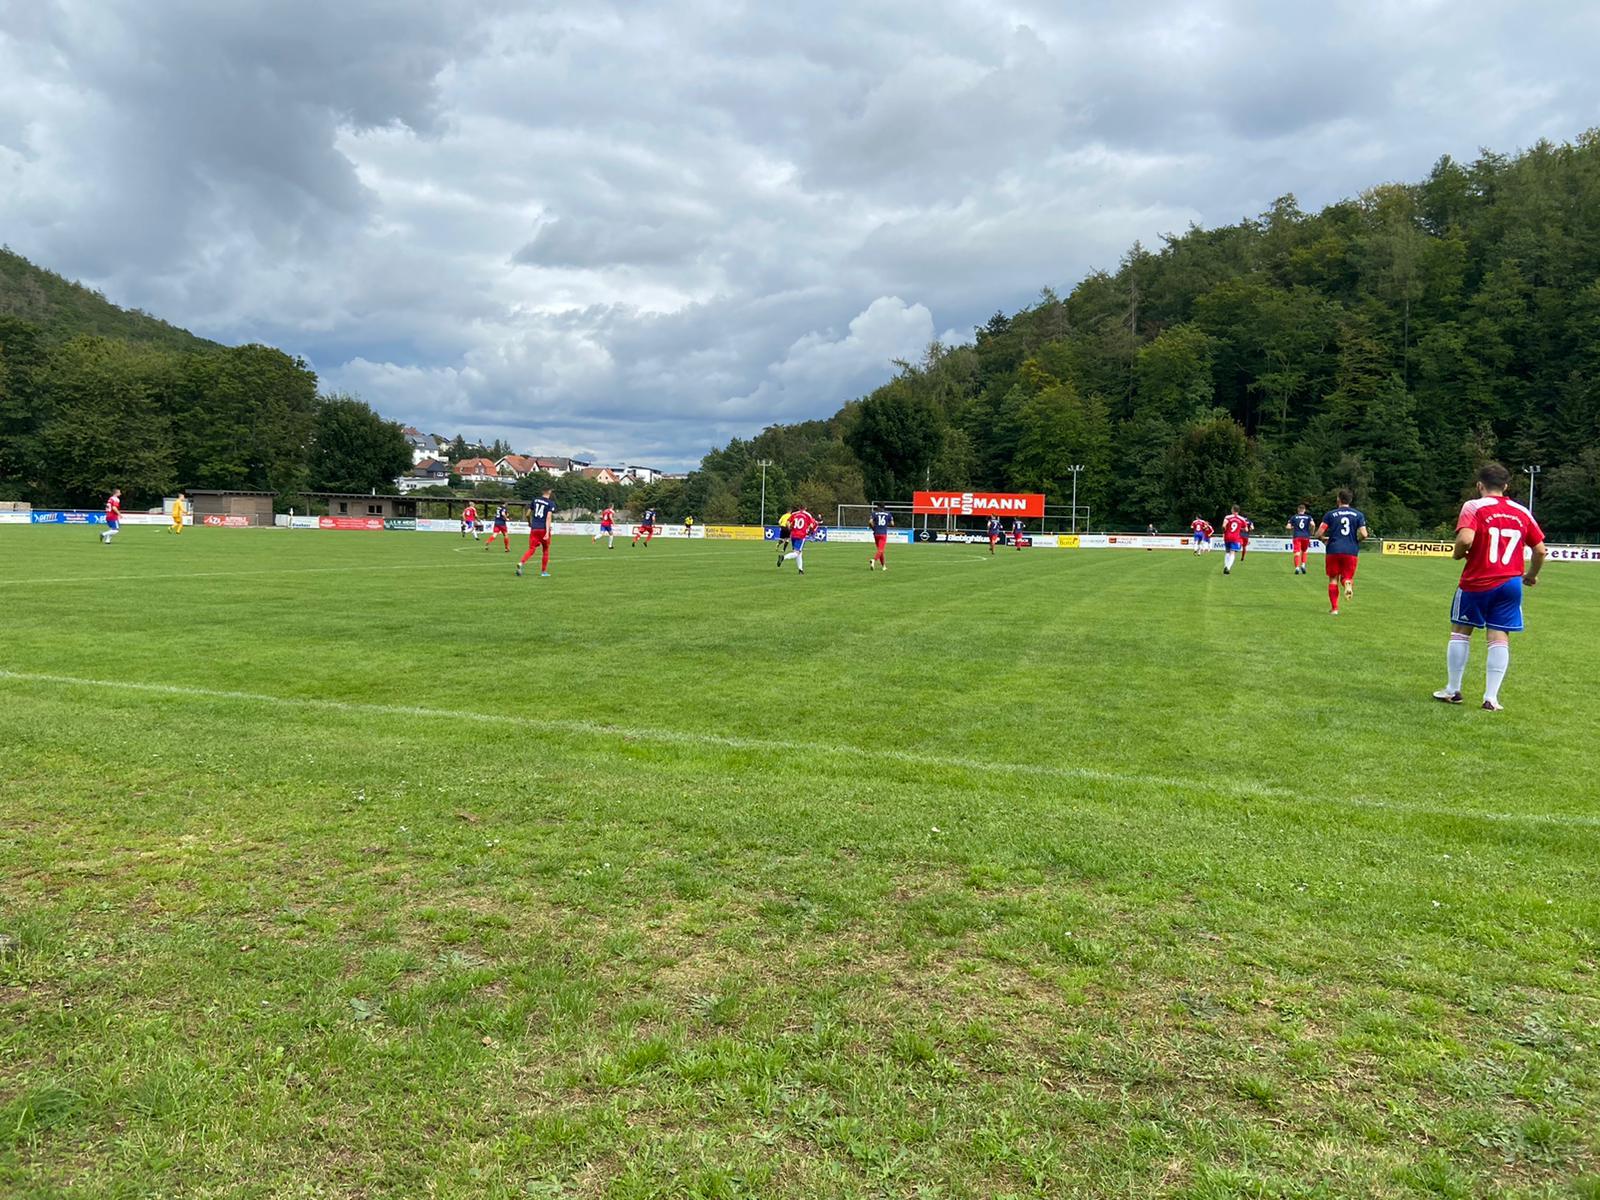 Niederlage beim FC Ederbergland - FC Waldbrunn verliert auswärts